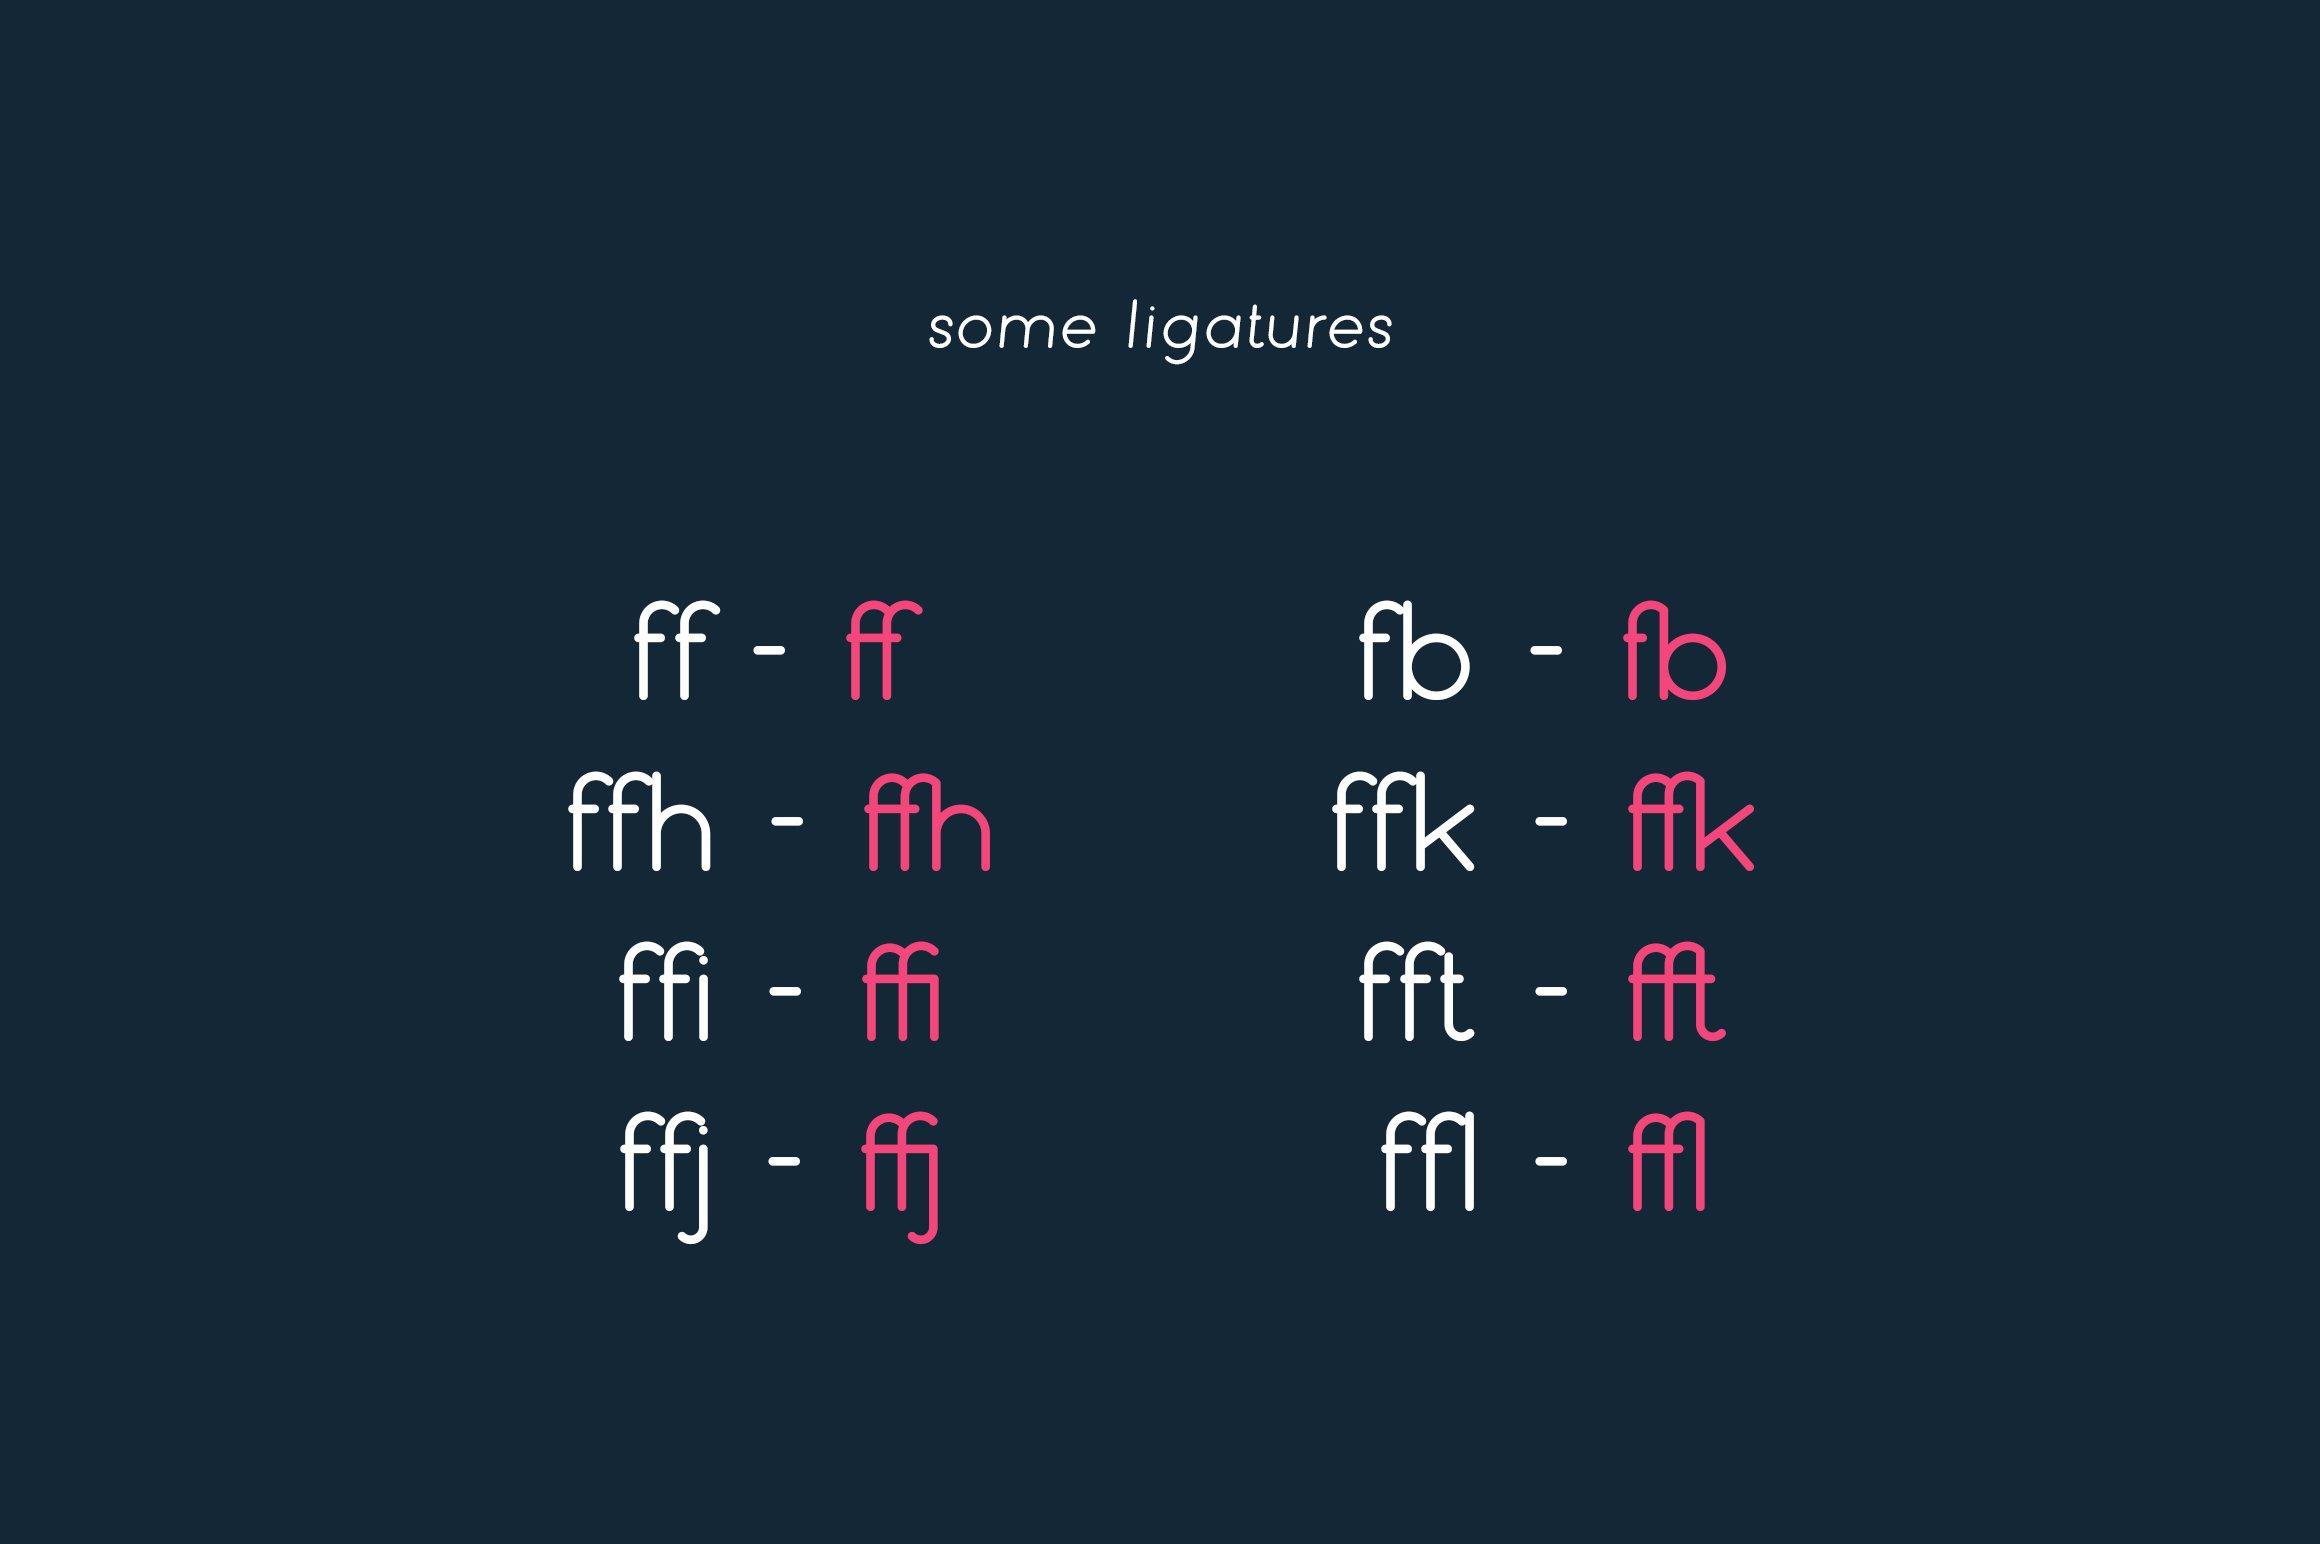 Bubbble Gum - sans serif typeface example image 8